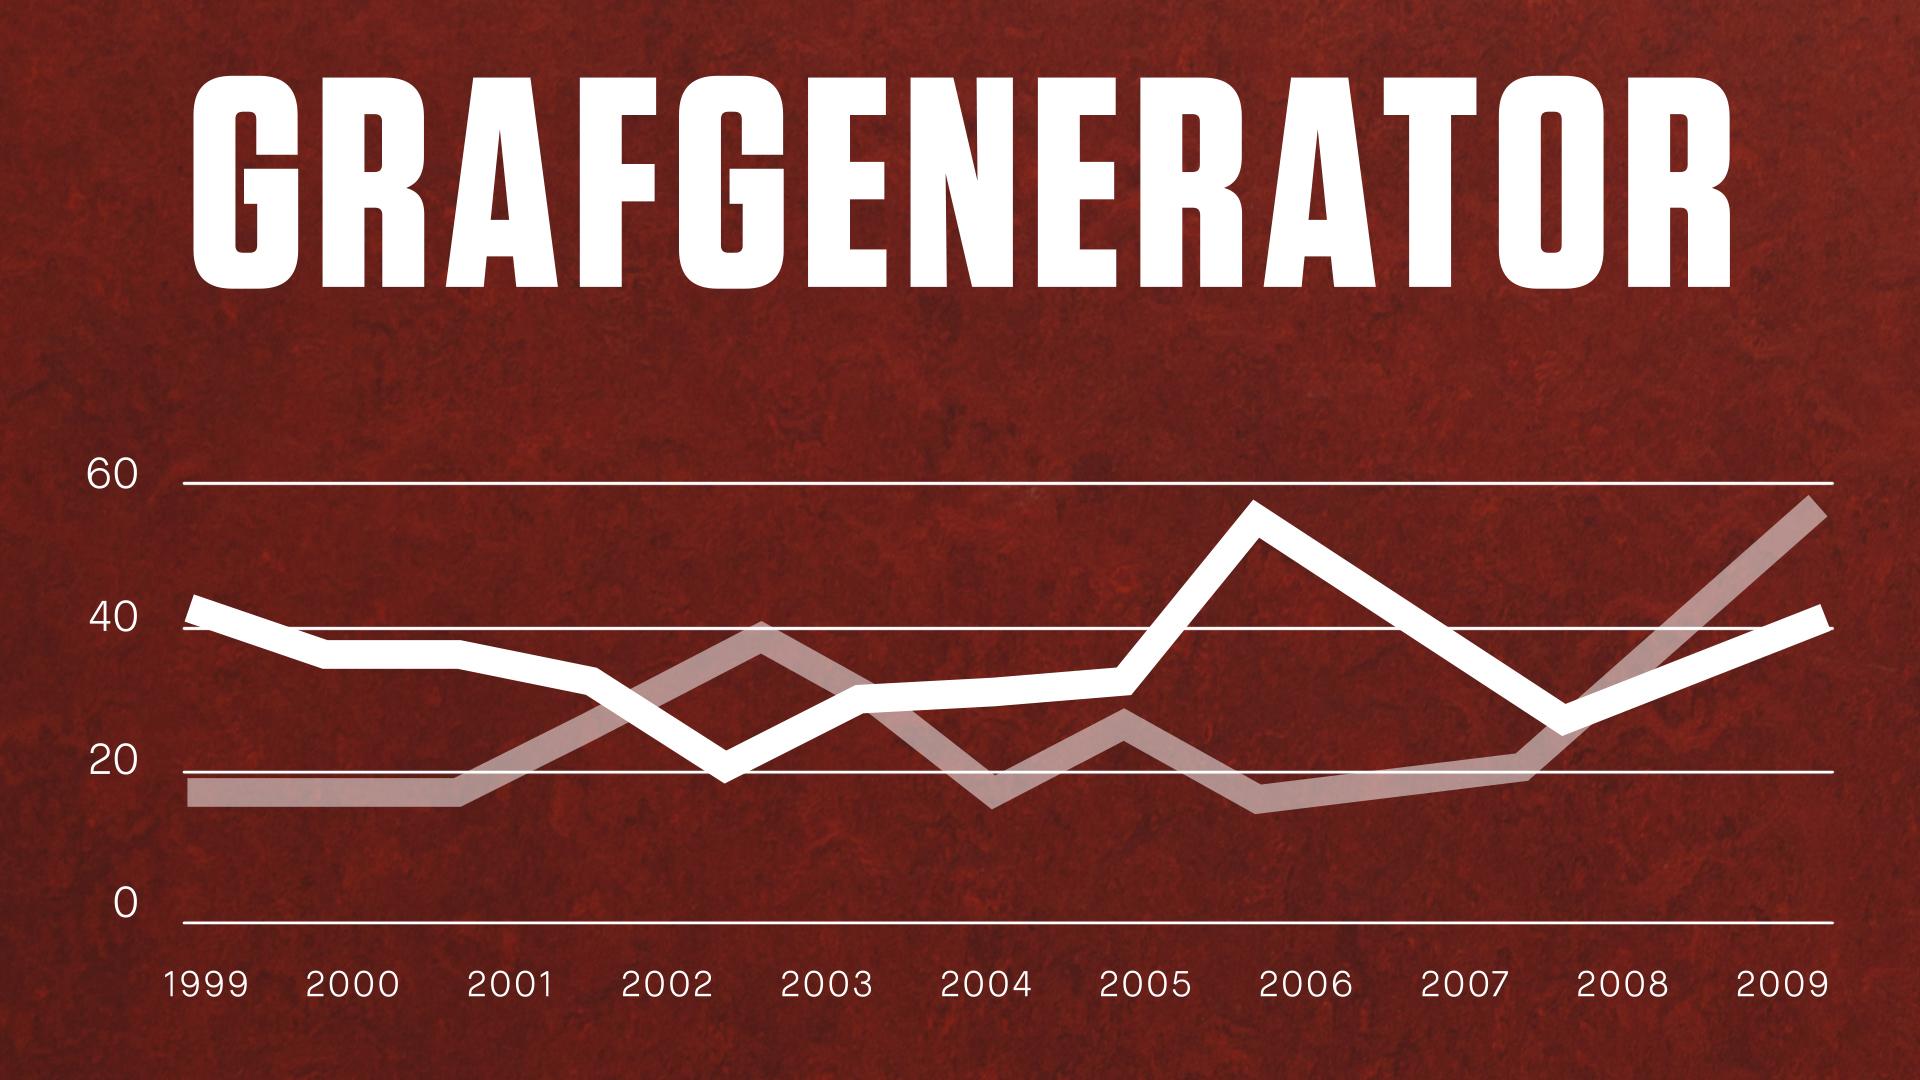 grafgenerator.jpg